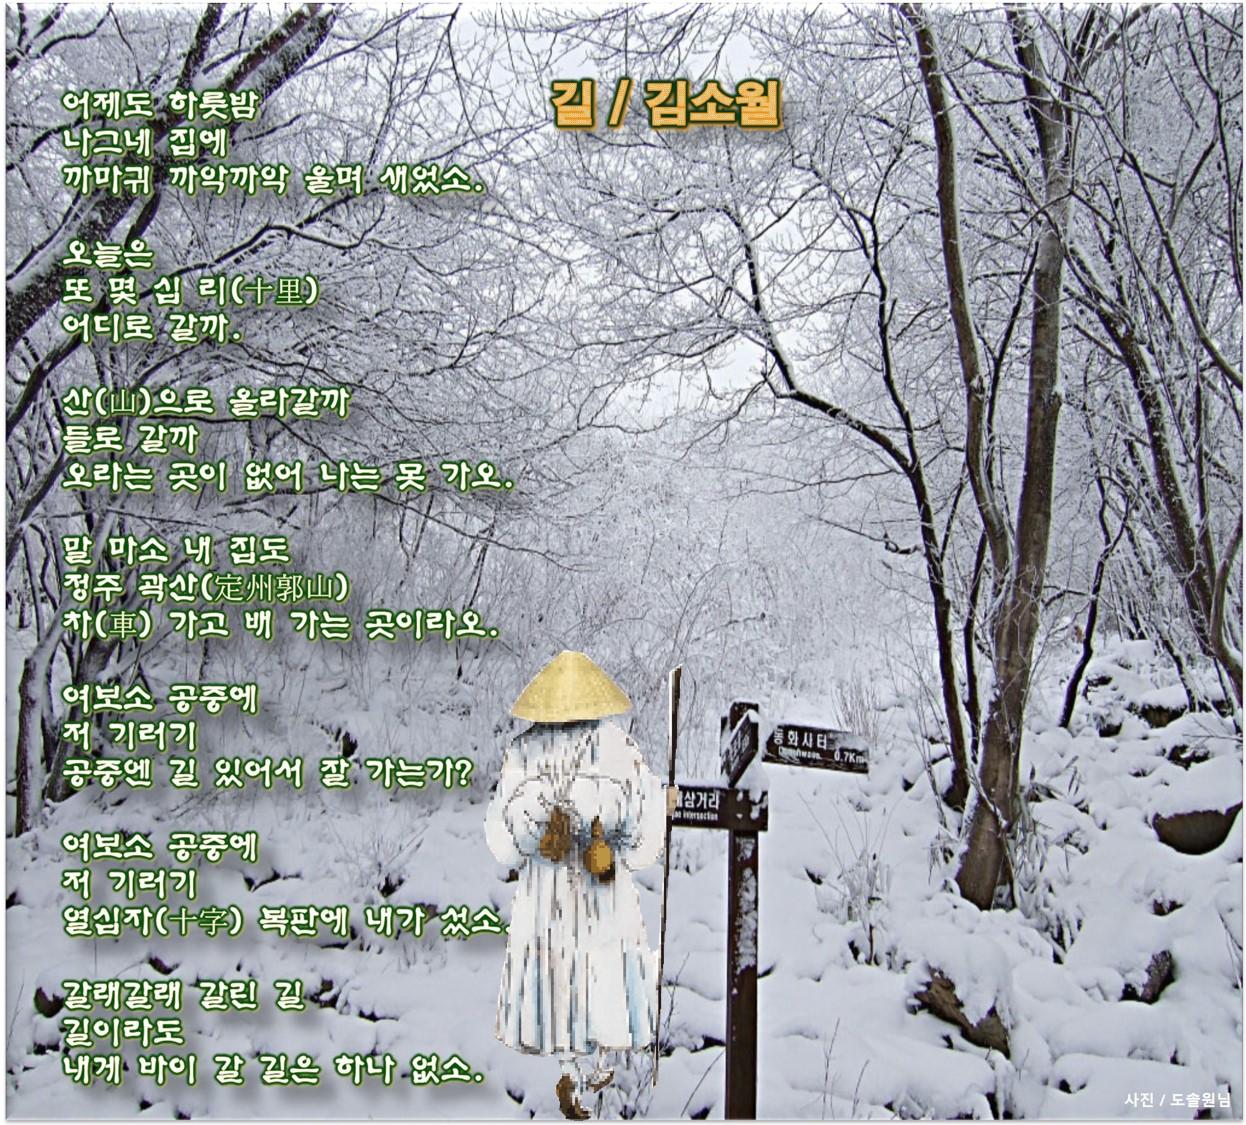 이 글은 파워포인트에서 만든 이미지입니다.  길 / 김소월